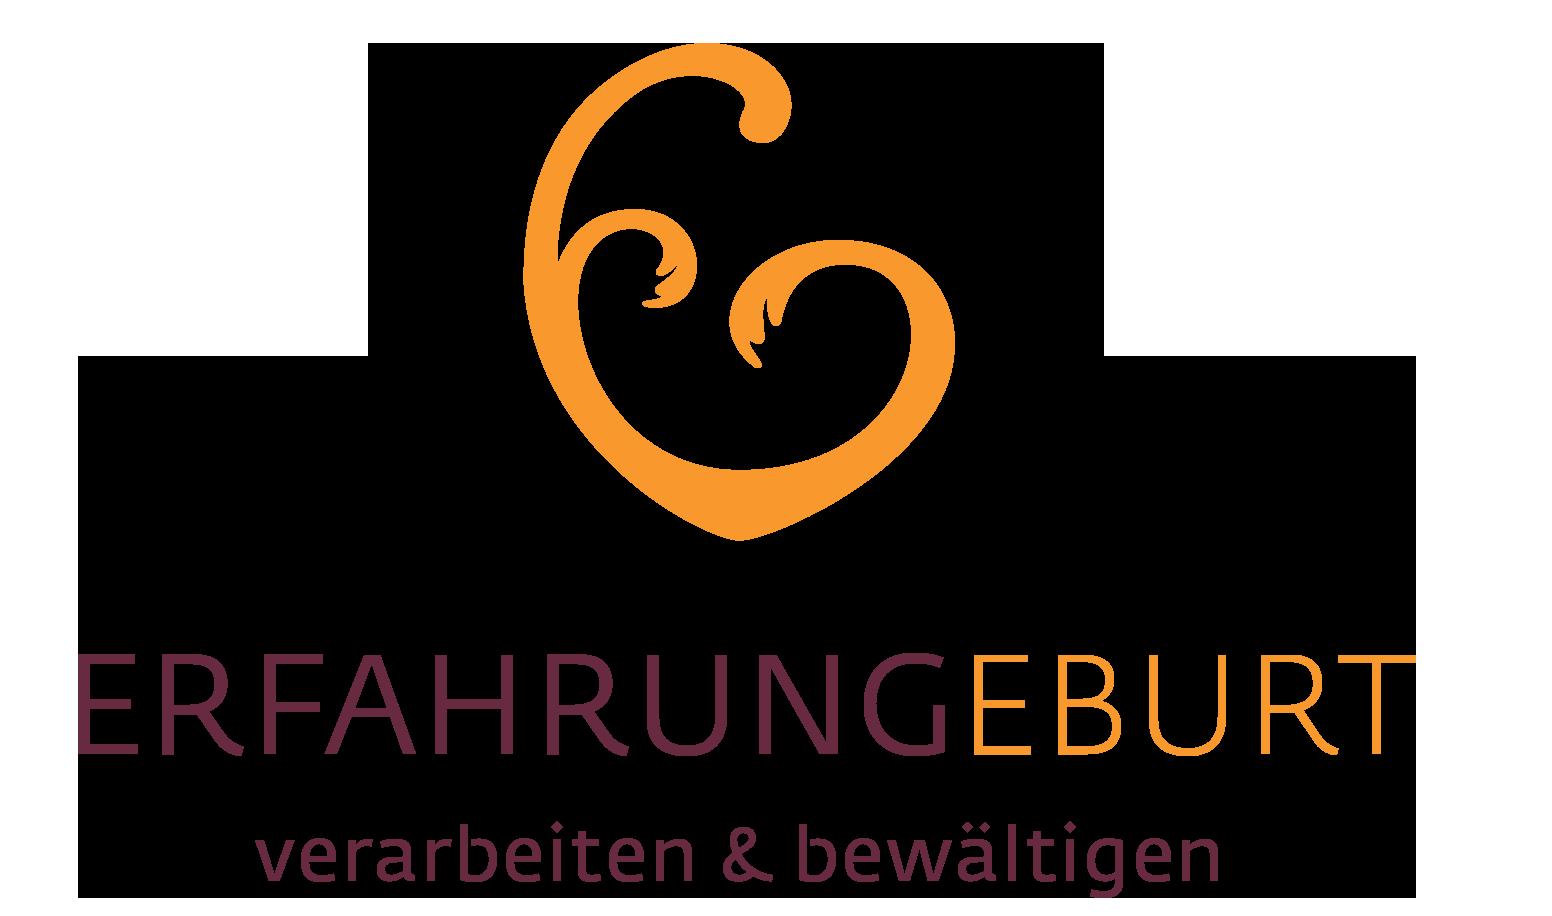 ERFAHRUNGEBURT